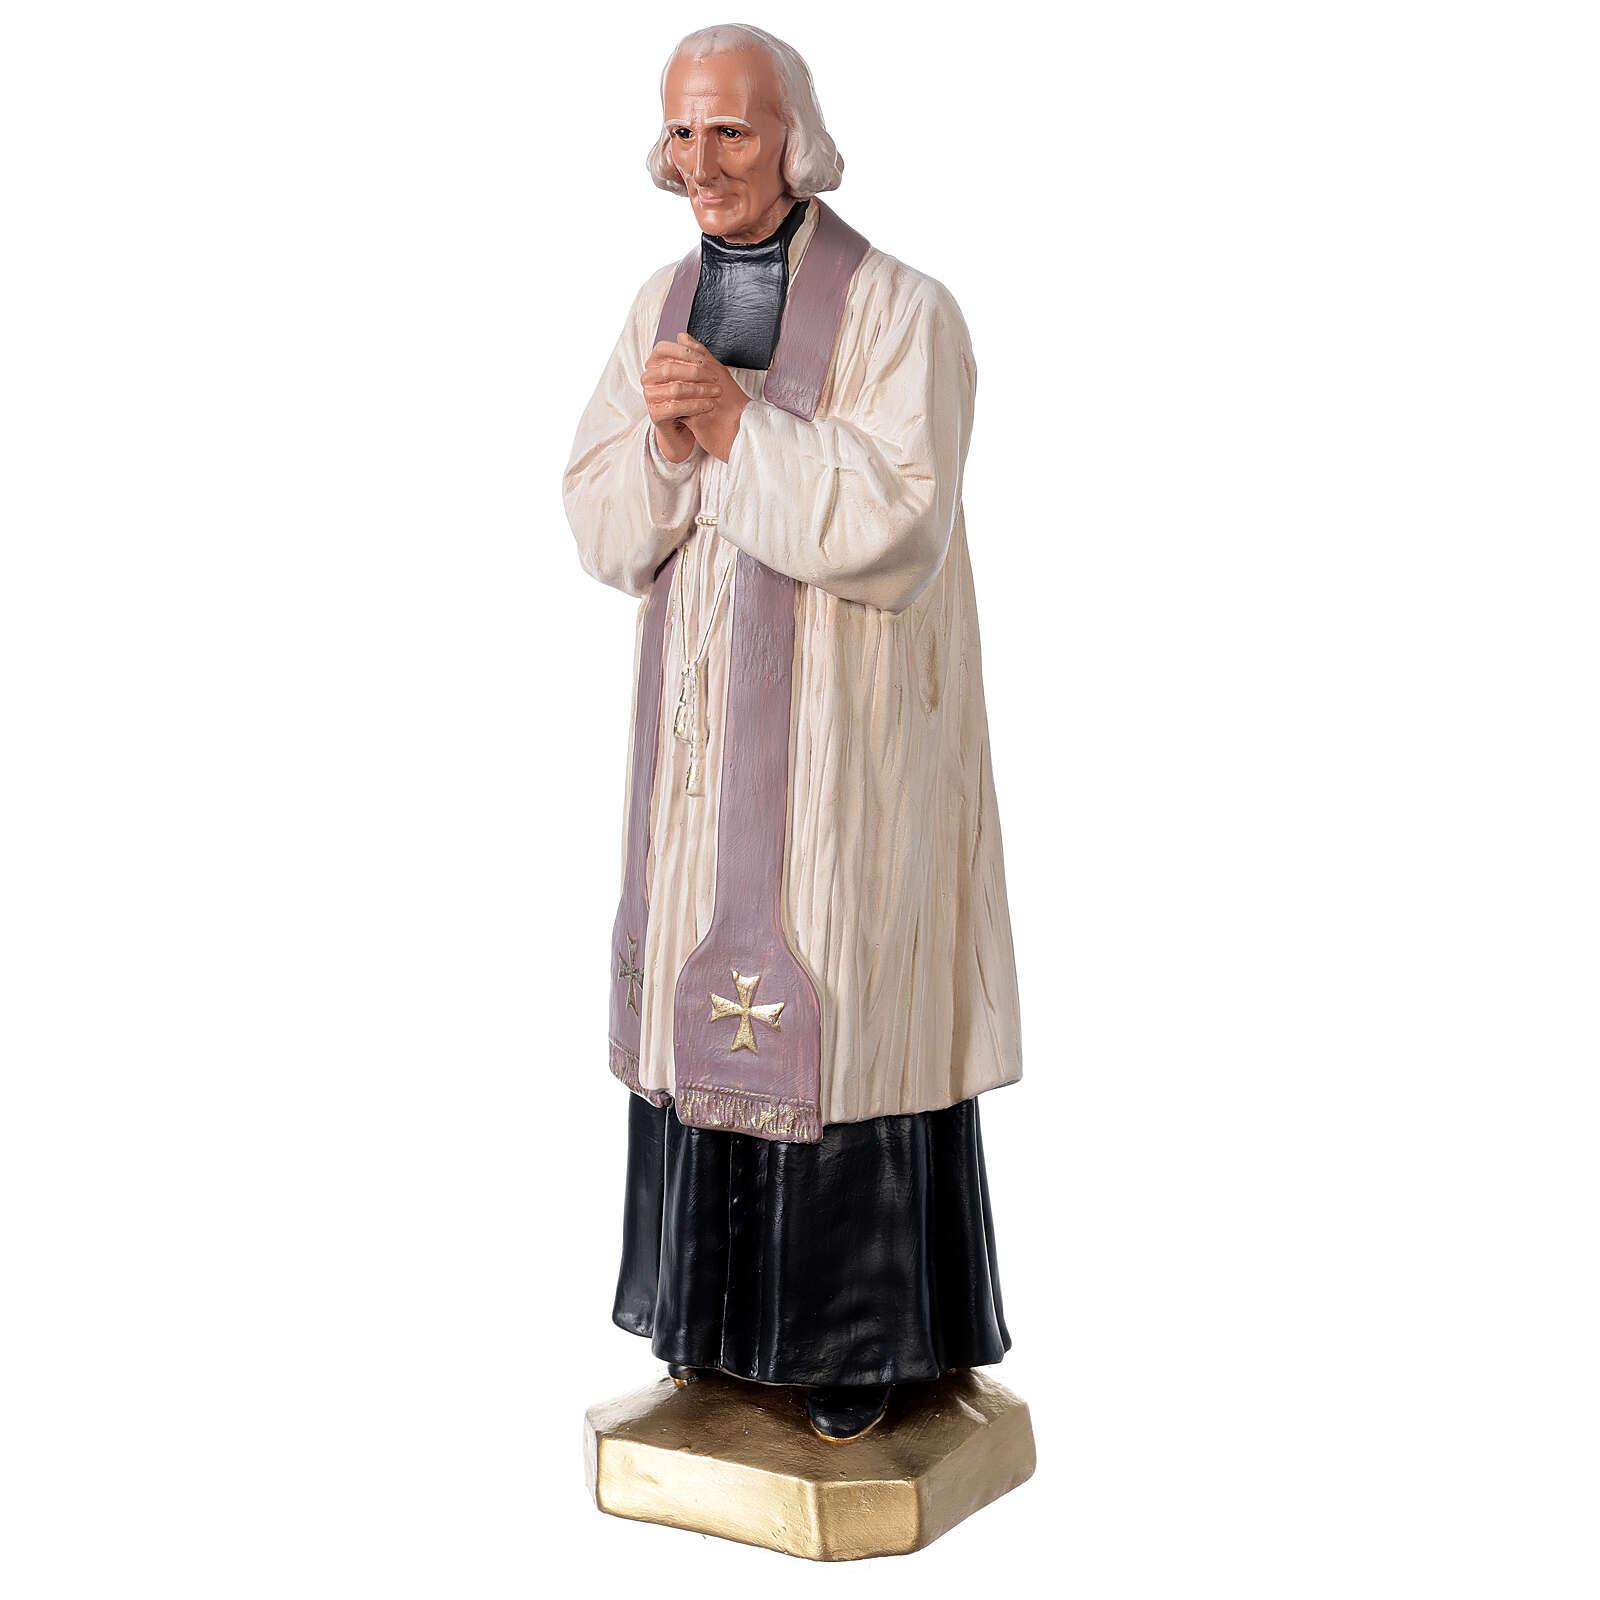 Saint John Vianney statue 16 in hand-painted plaster Arte Barsanti 4